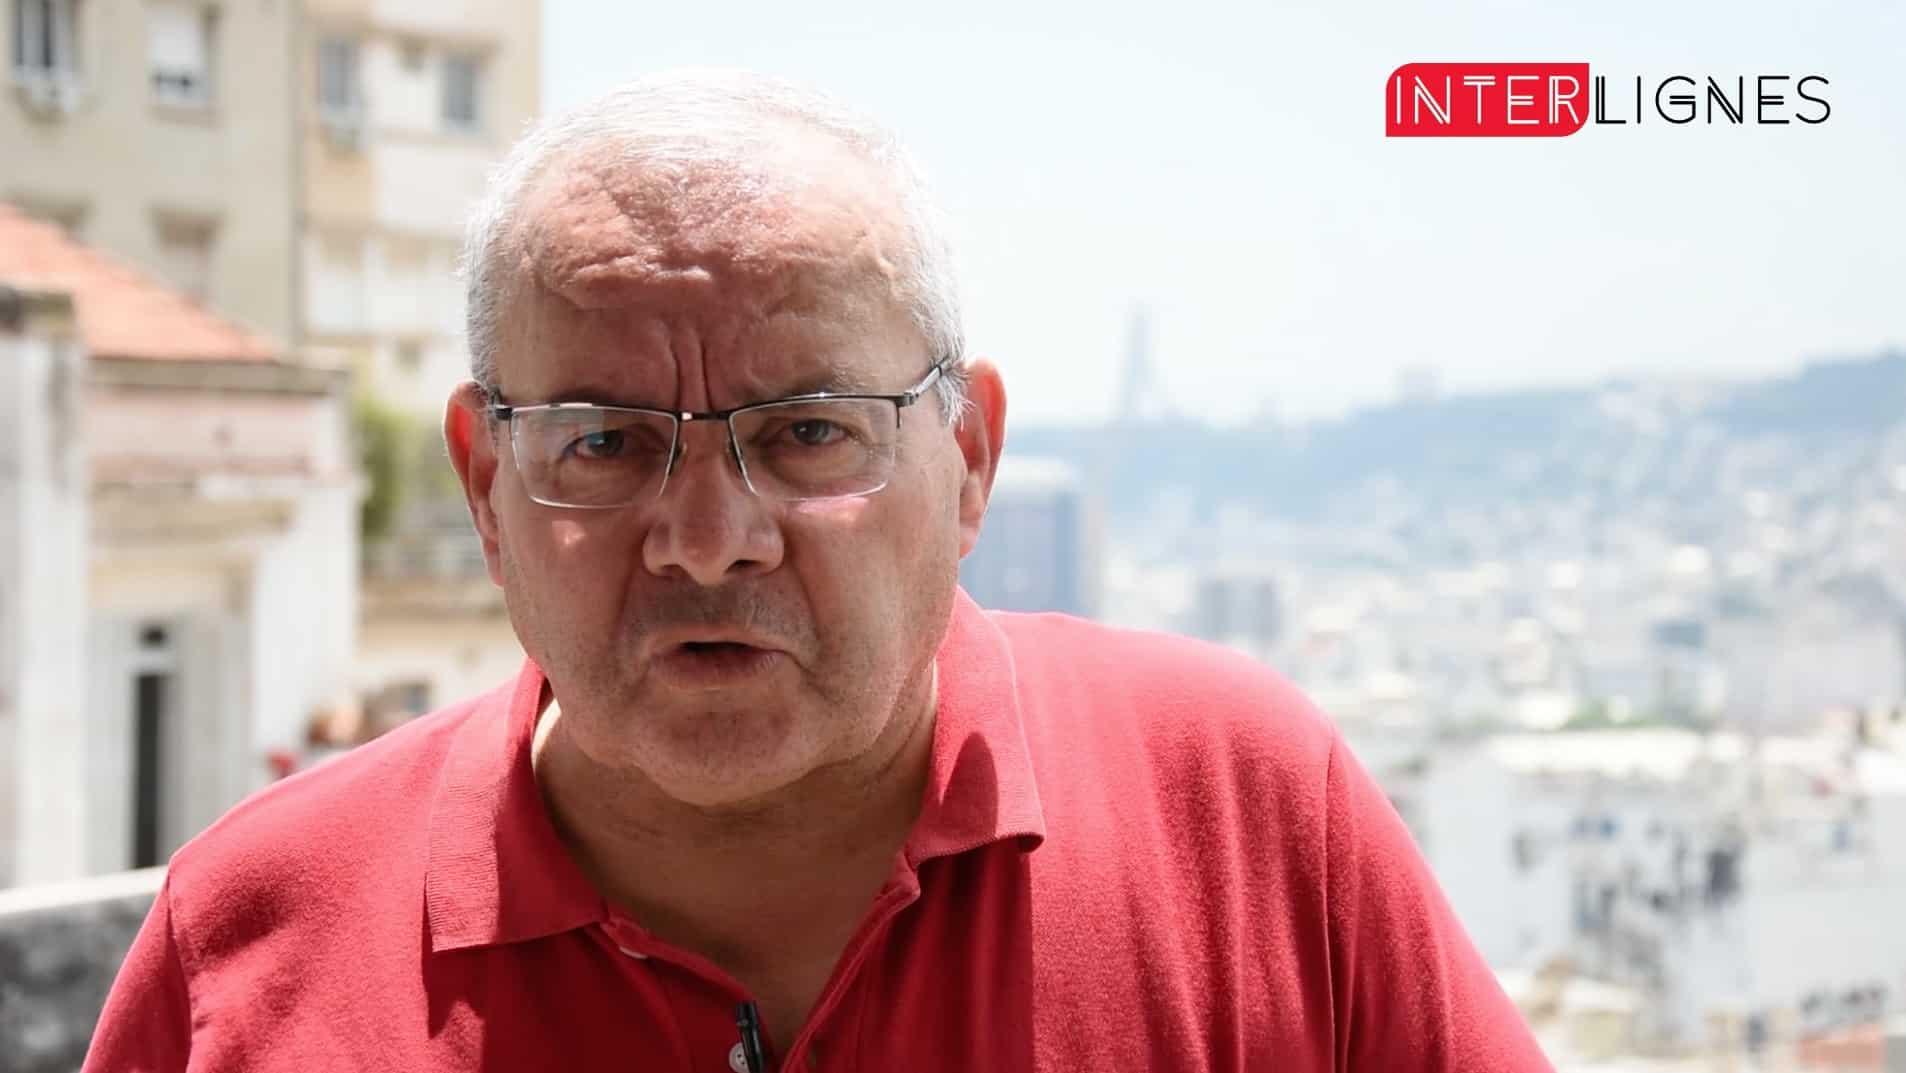 L'indomptable militant des Droits de l'Homme et de la cause mozabite, Kameleddine Fekhar, est décédé, dans la matinée de ce mardi 28 mai. Hier lundi, son état de santé s'étant détériorée, il a été transféré à l'hôpital Franz Fanon de Blida où il a rendu l'âme. Deux jours avant le décès de Fekhar, son avocat Salah Dabouz avait interpellé les autorités sur la santé du militant. En vain. Son cri de détresse n'a pas trouvé une oreille attentive et les autorités ont répondu par un silence de mort.